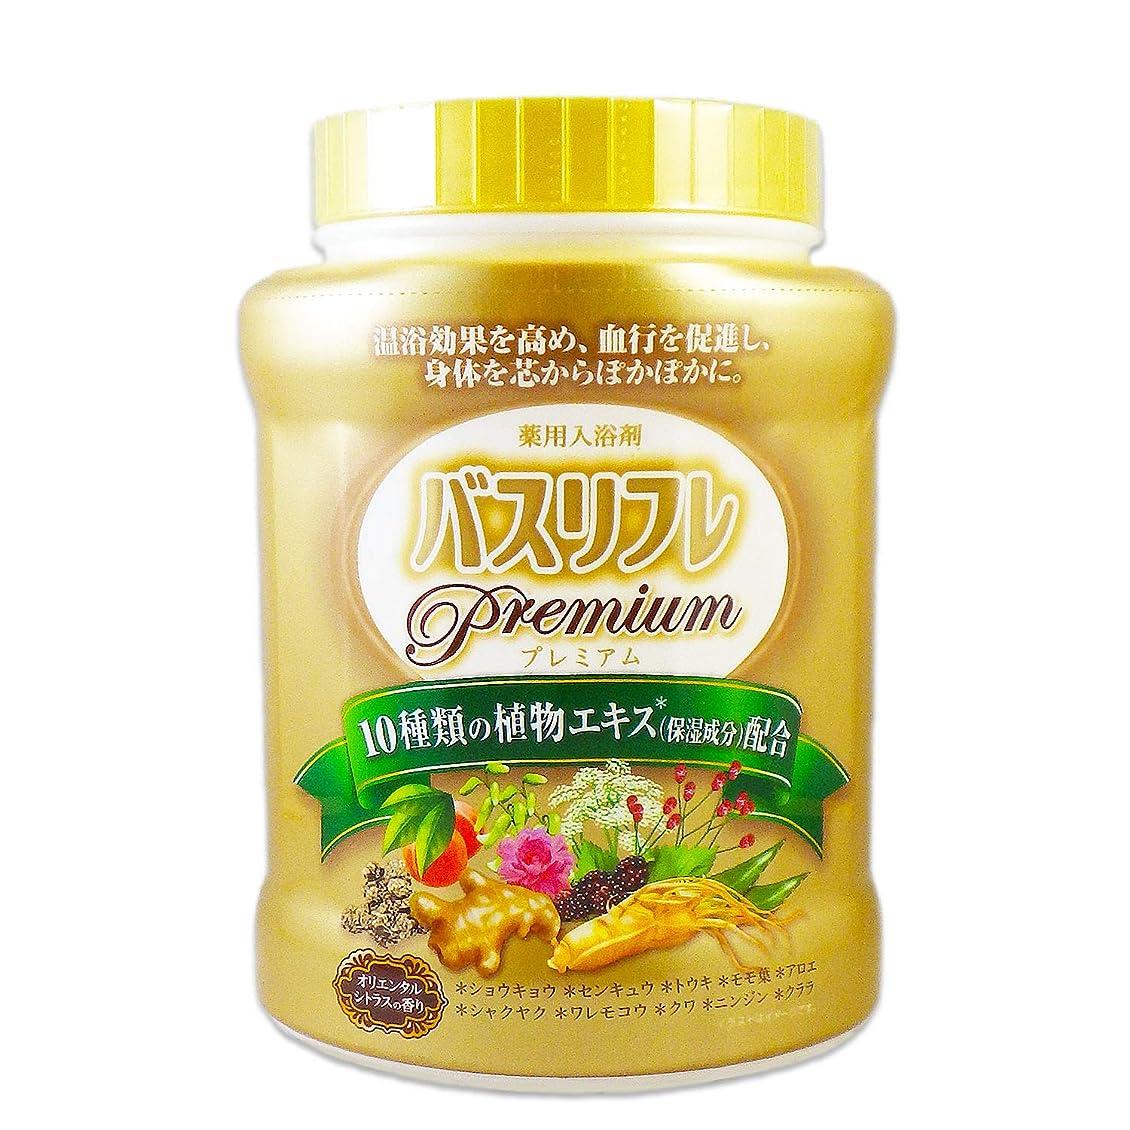 牛肉プット資格ライオンケミカル バスリフレ 薬用入浴剤プレミアム 680g [医薬部外品]